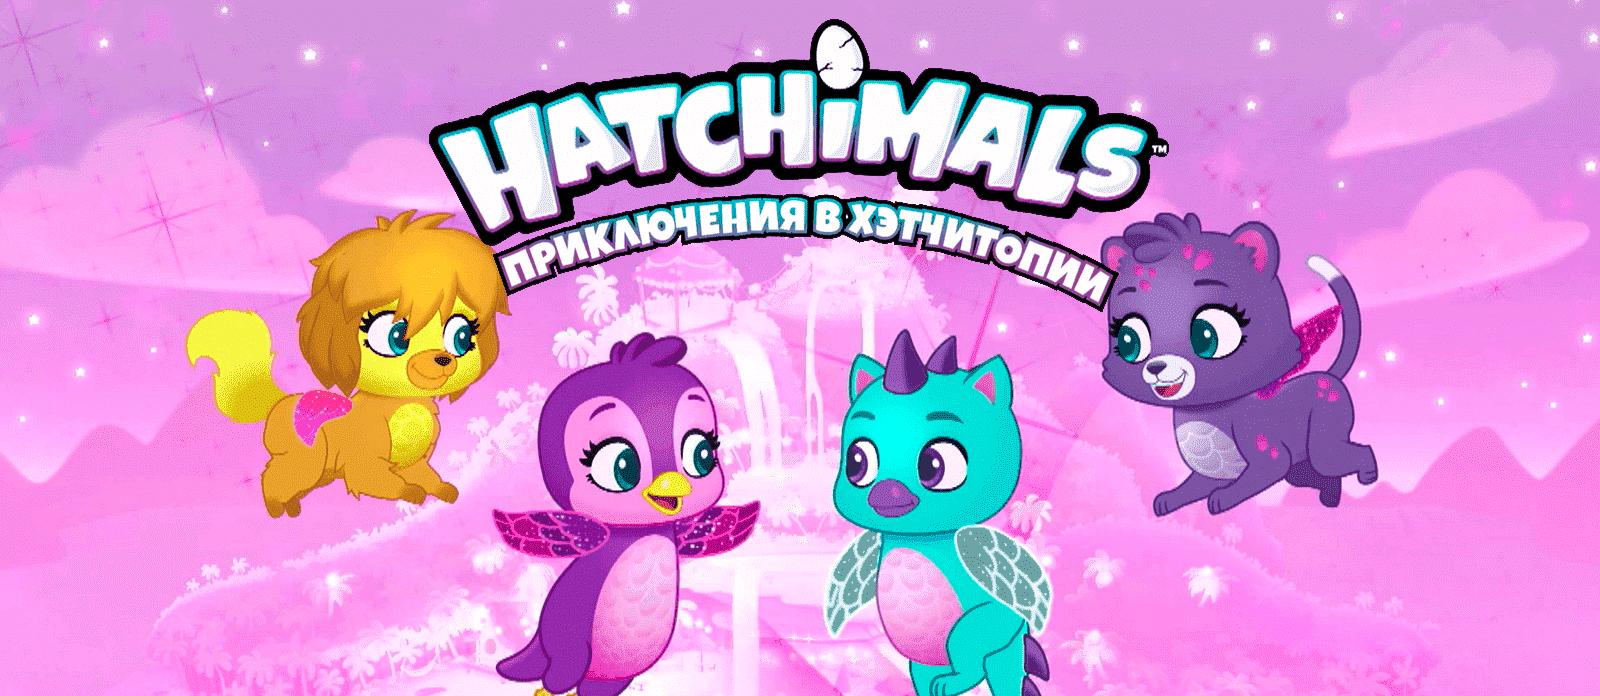 Hatchimals 6054600 Хэтчималс набор Пикси Вечеринка Единорожек